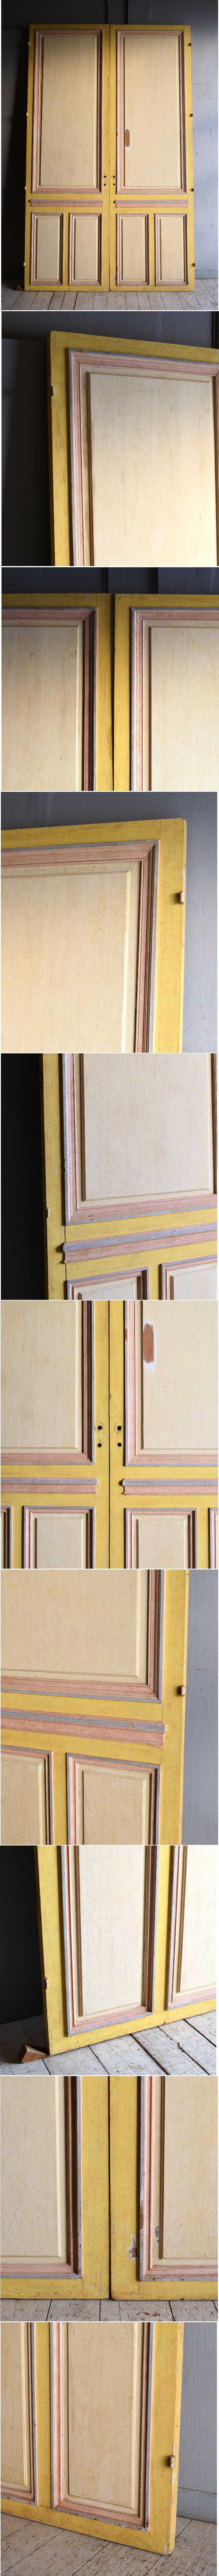 フレンチ アンティーク ドア 扉 建具×2  9225